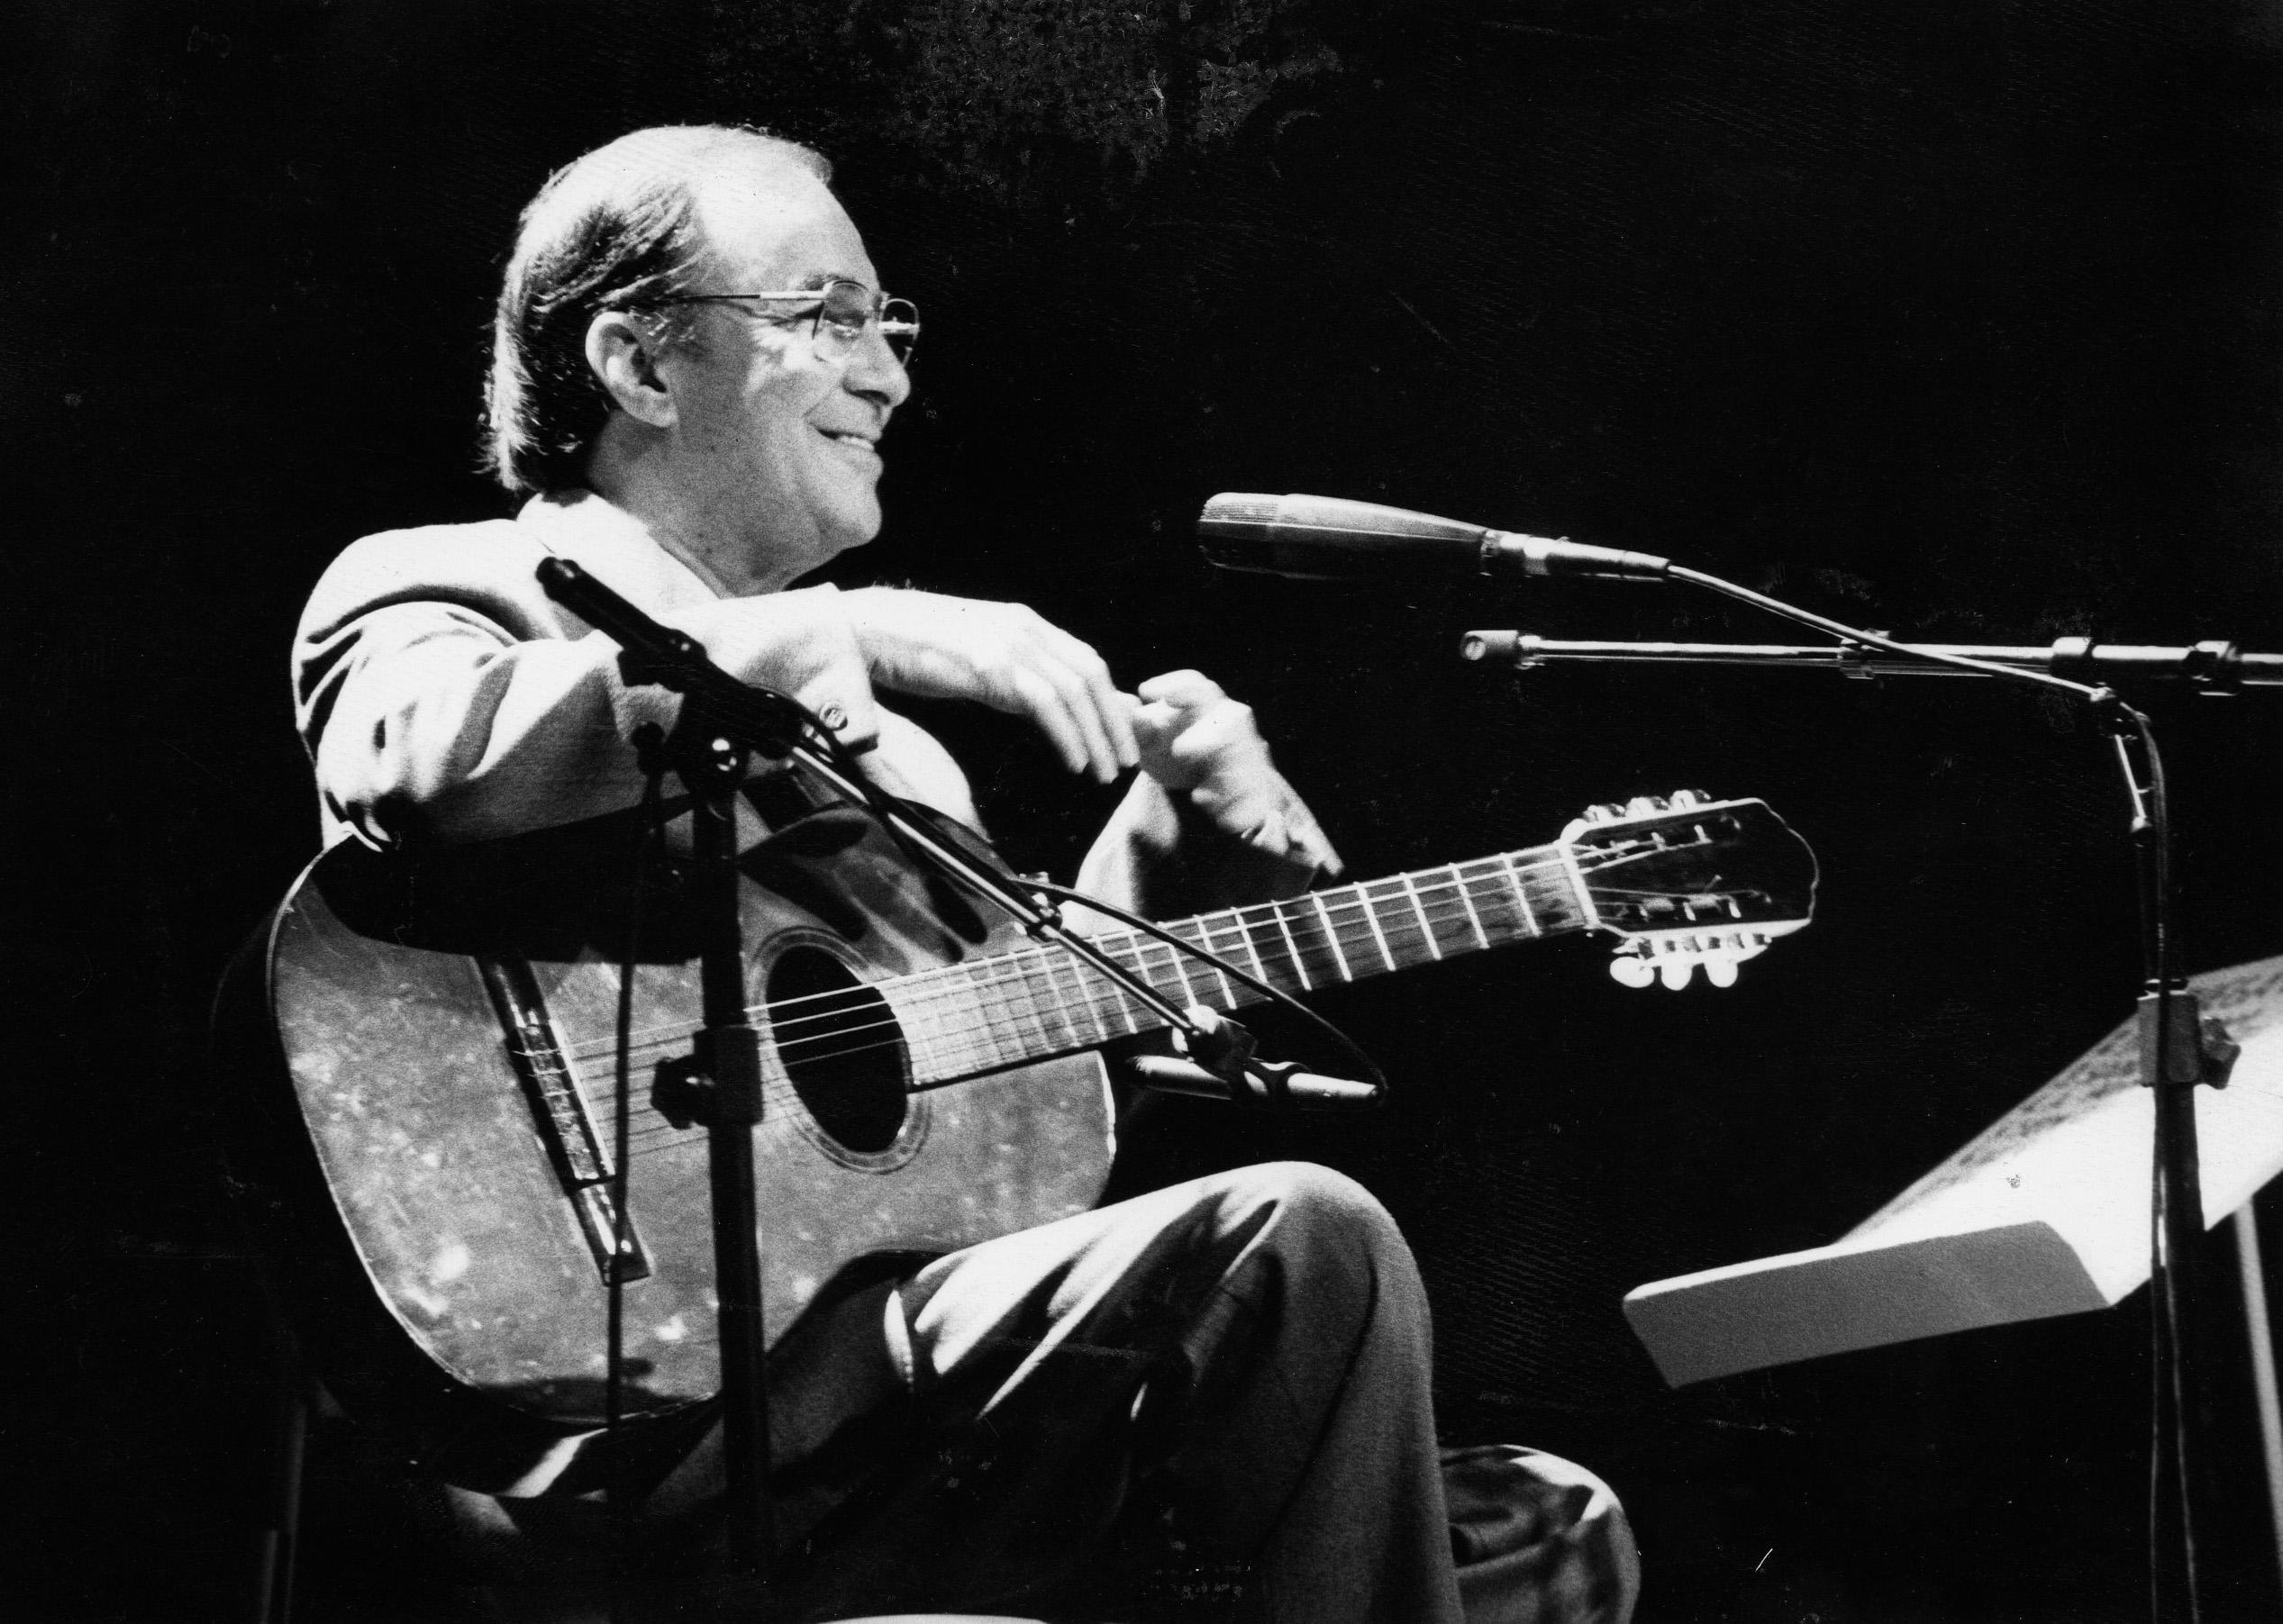 Adeus, João Gilberto: Os samples da Bossa Nova eternizados no RAP